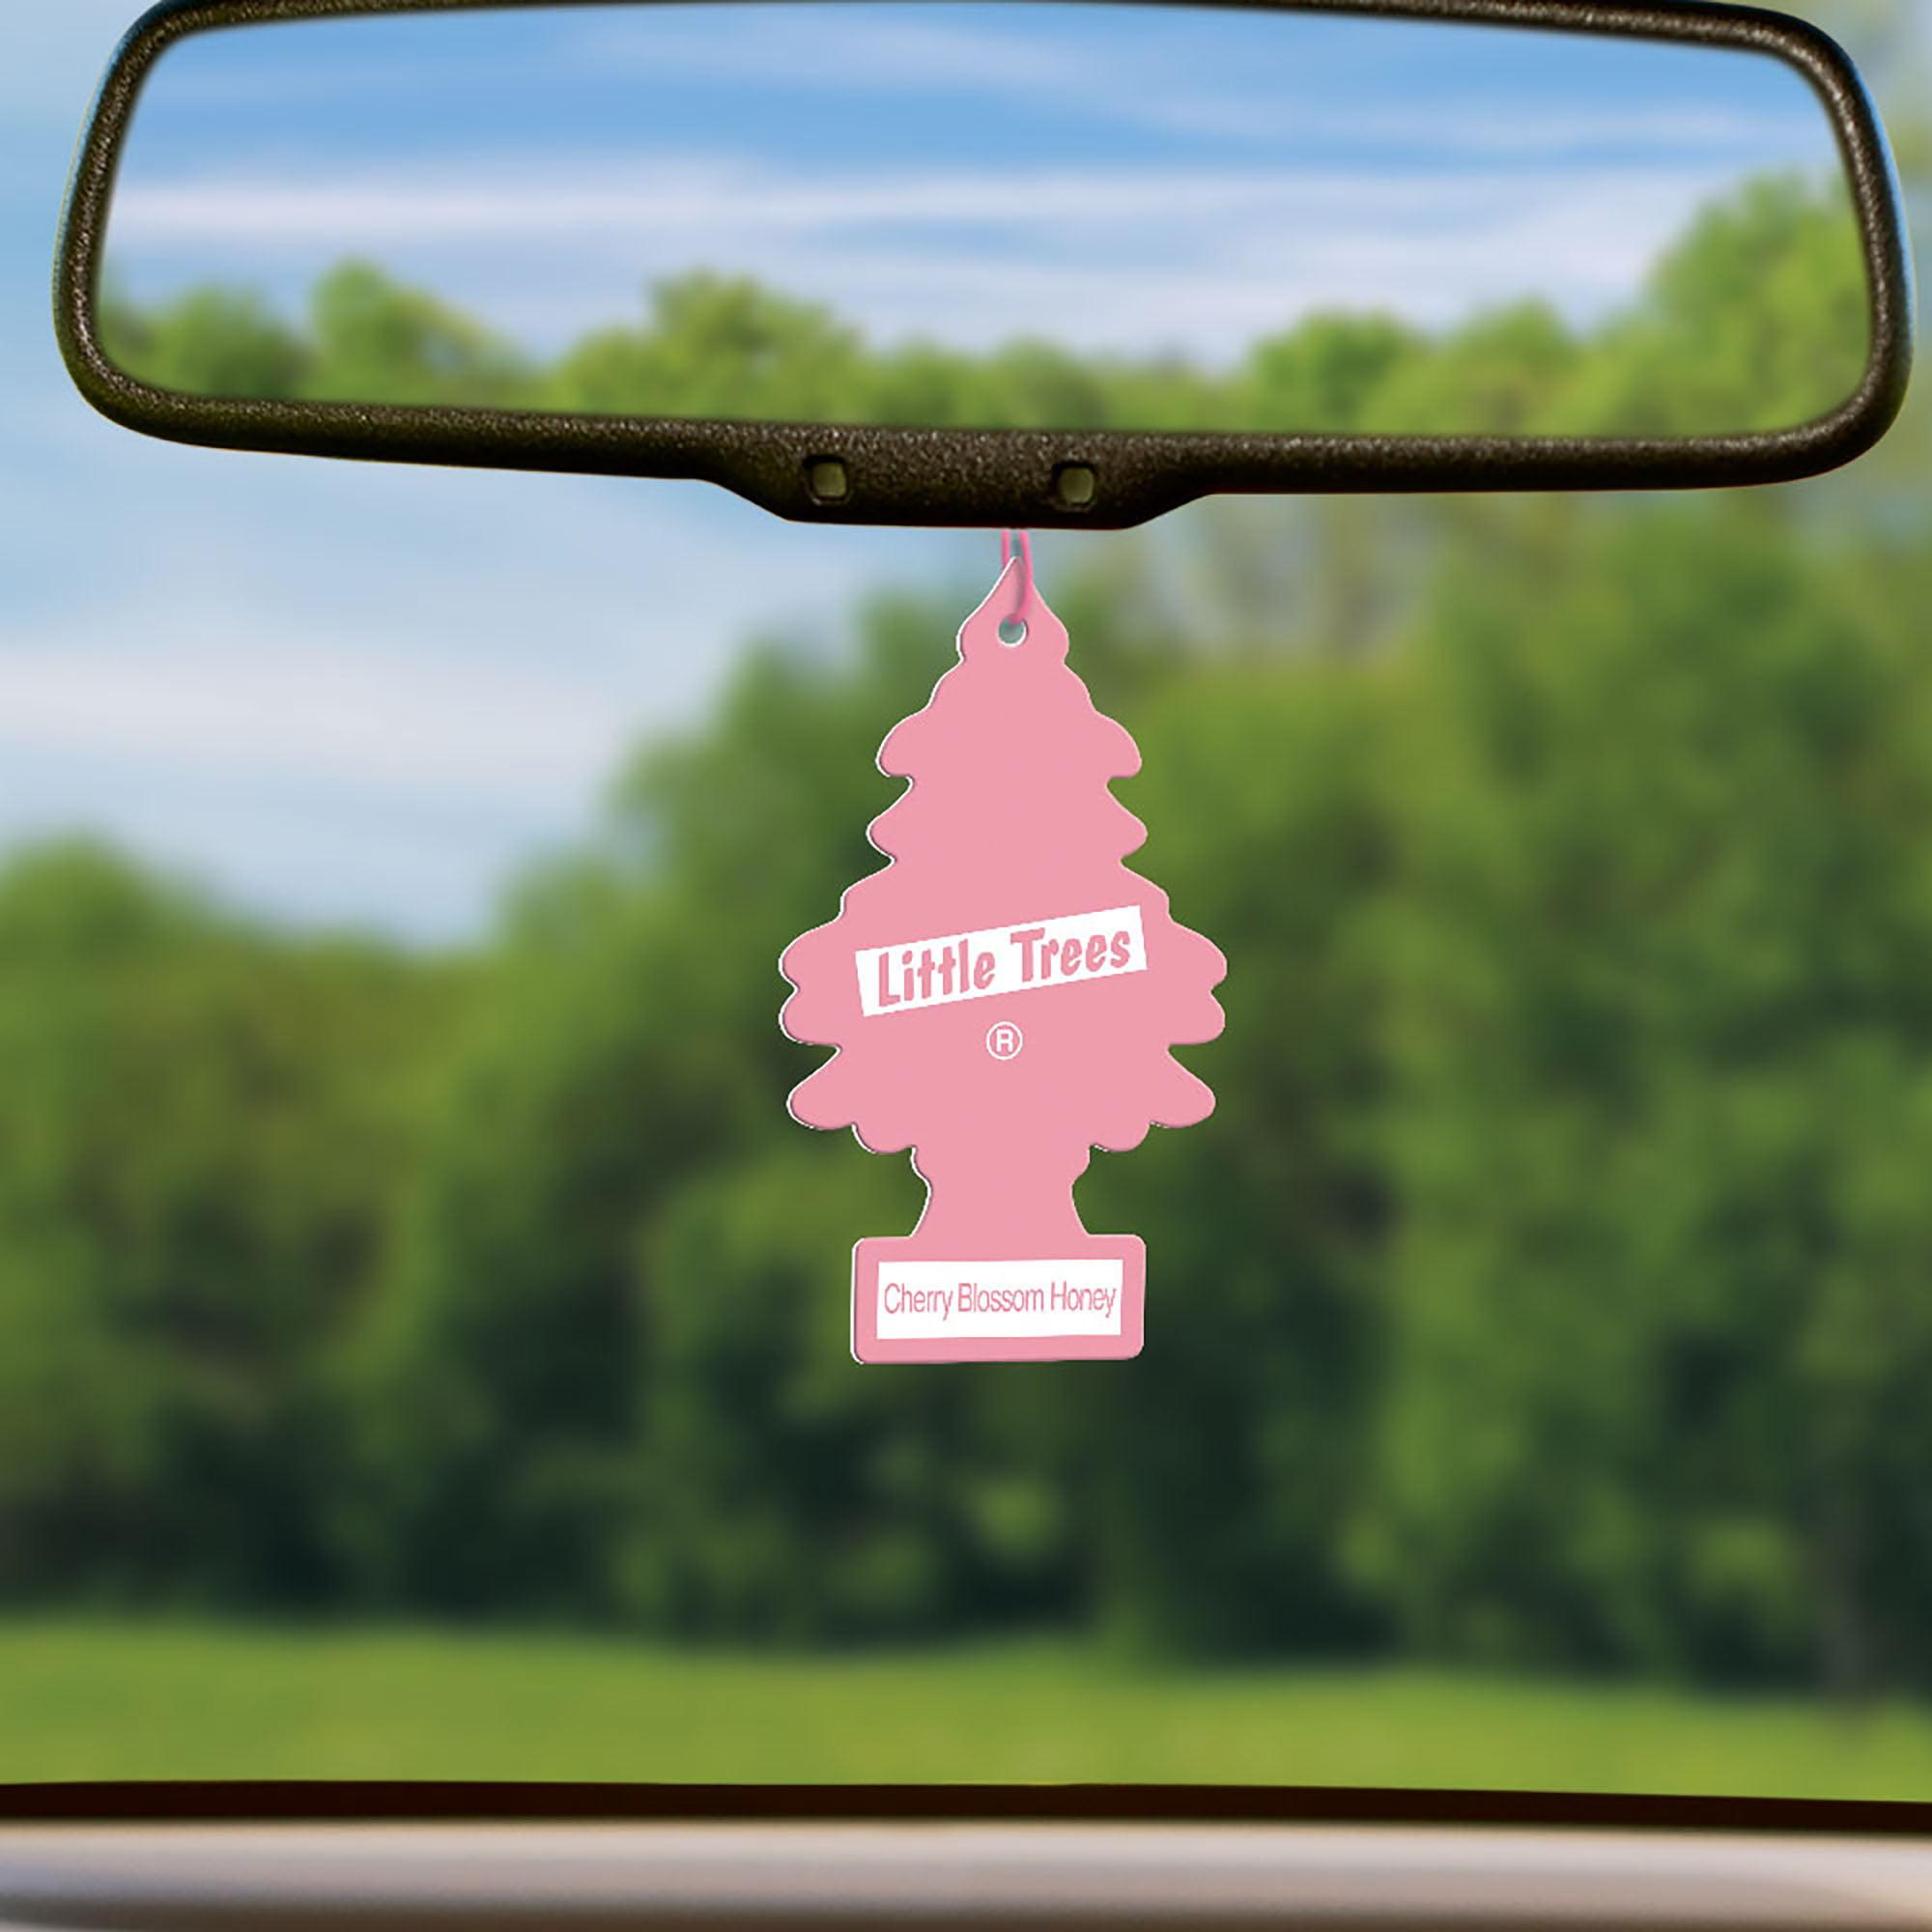 Little Trees Air Freshener Cherry Blossom Honey Fragrance 3 Pack Walmart Com Walmart Com